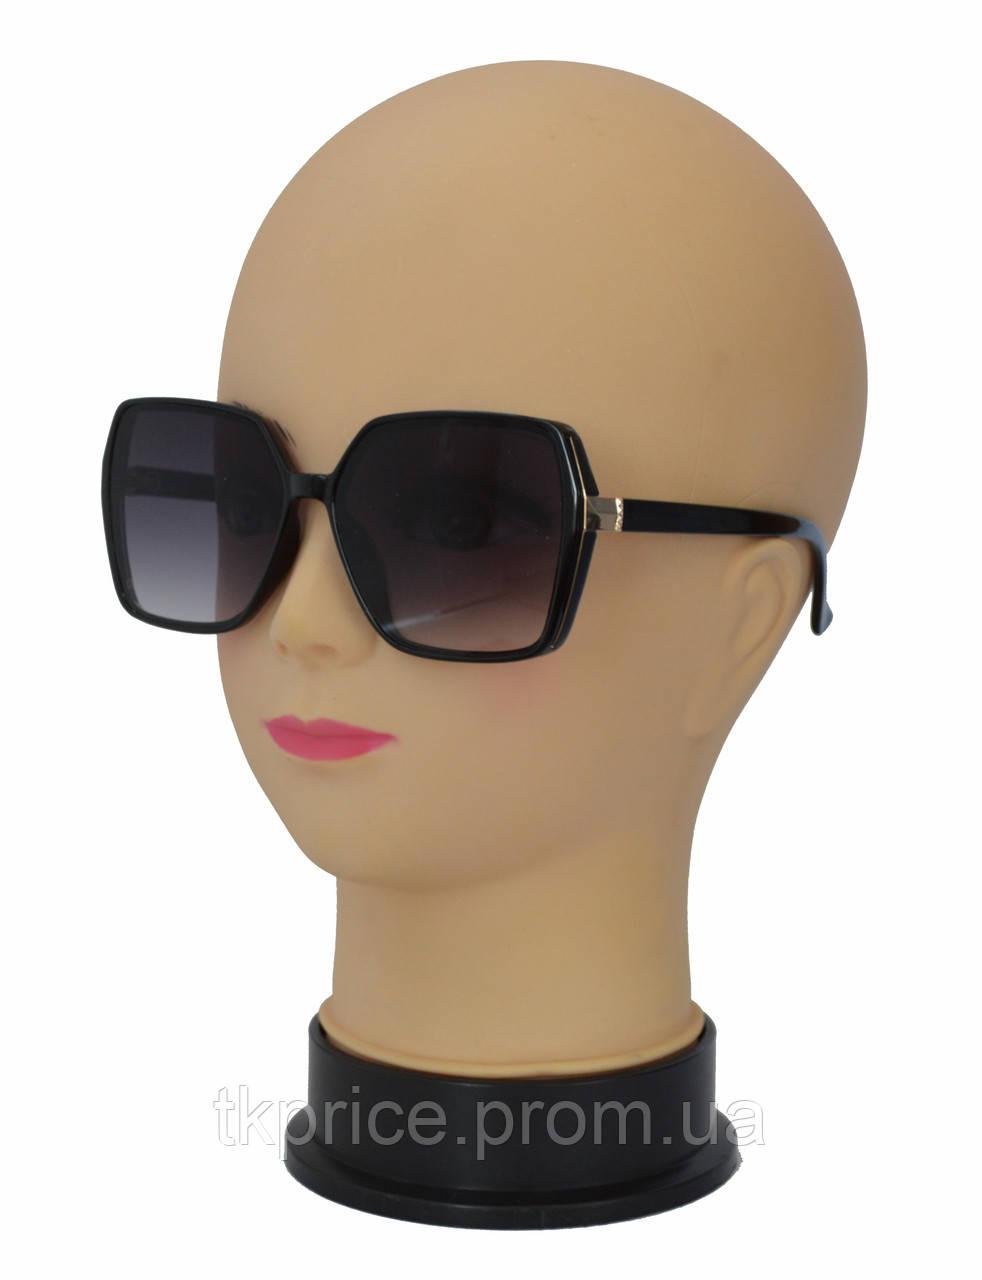 Модные женские солнцезащитные очки 338622